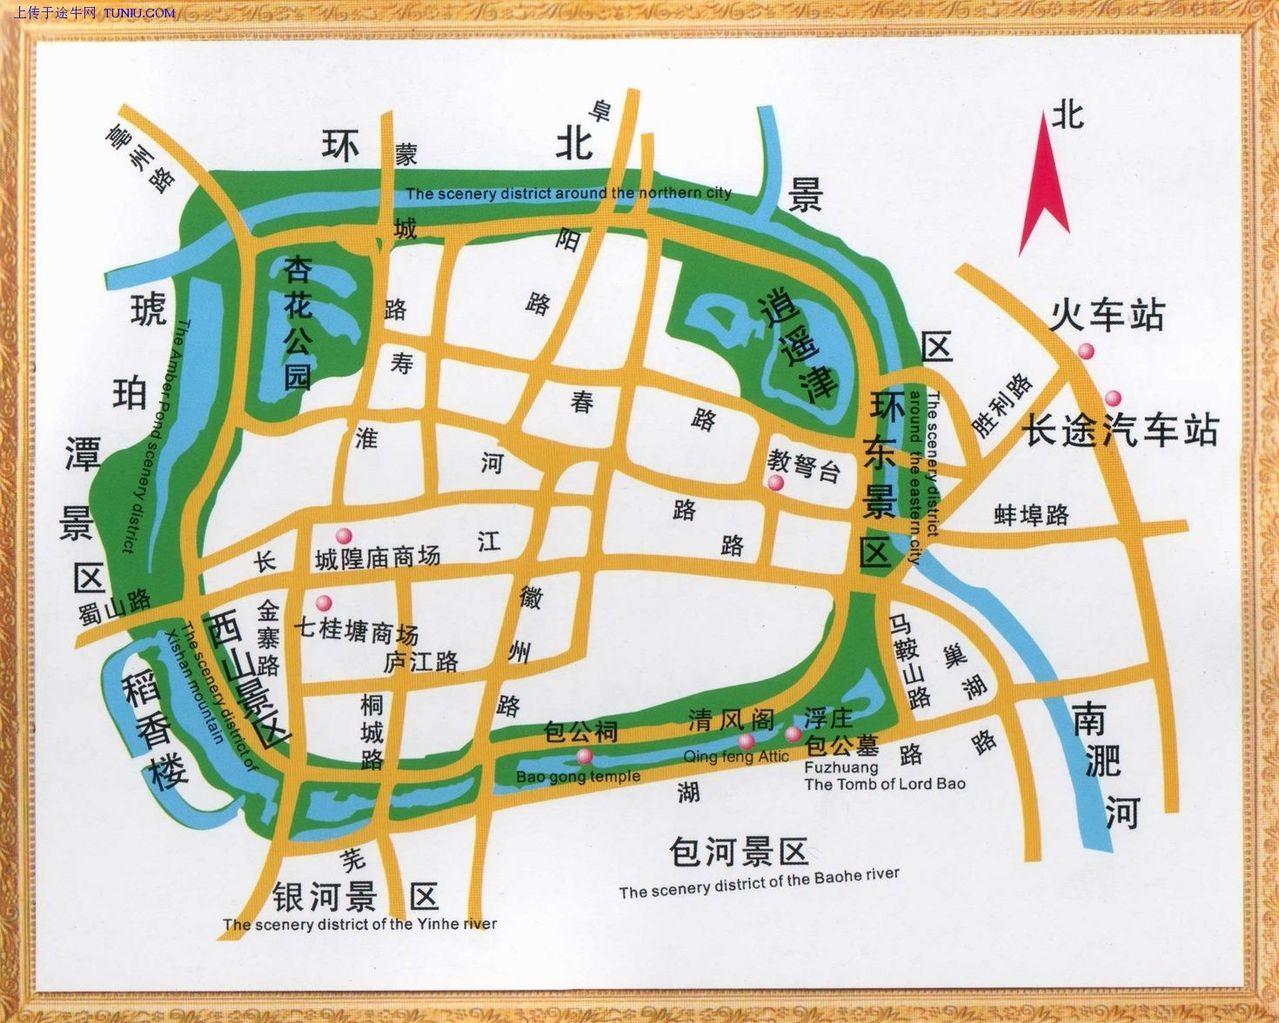 环城公园地图